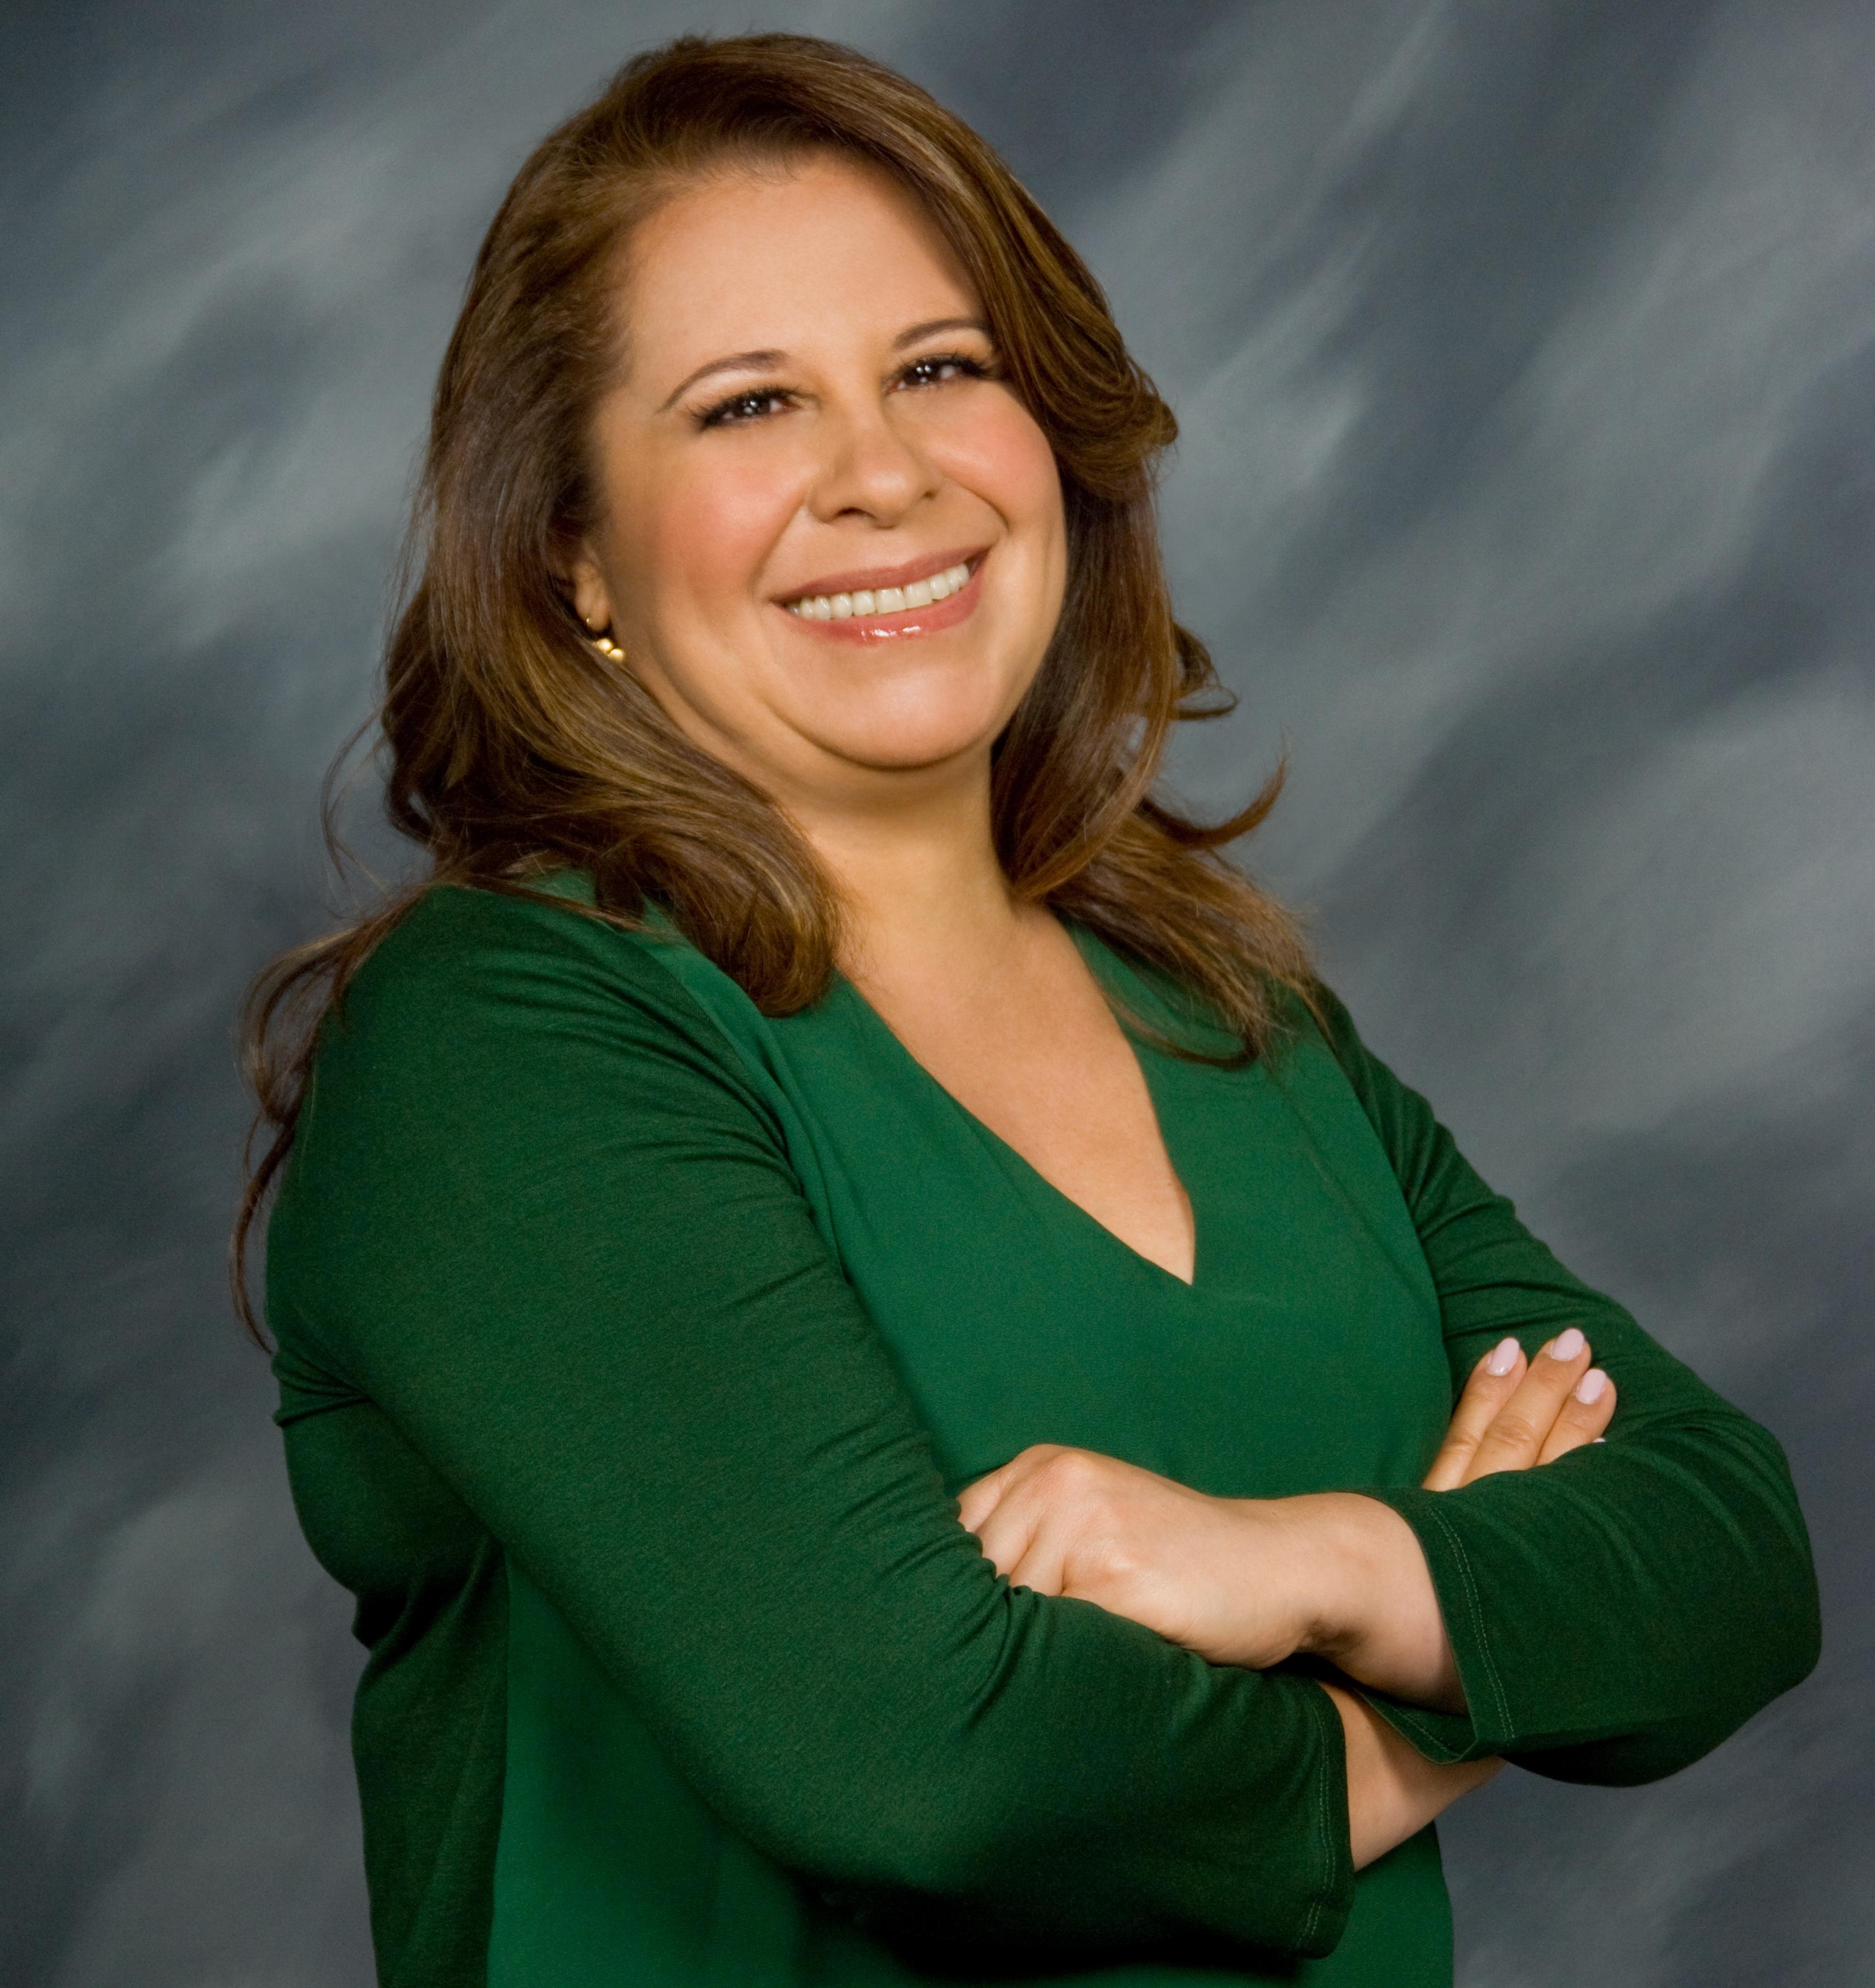 Jeanette Salvatierra